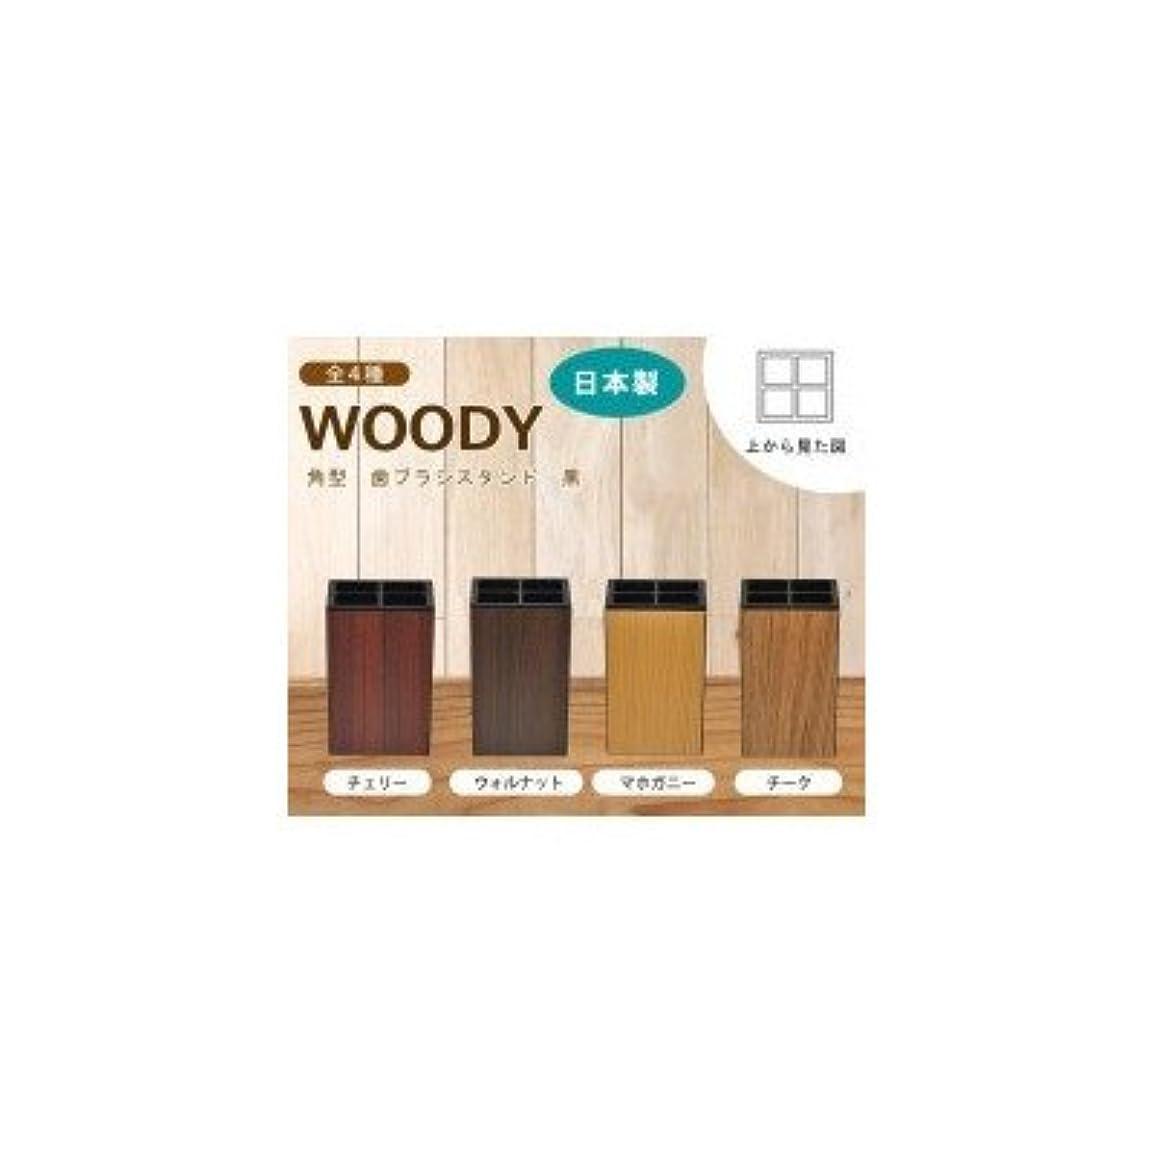 だらしないフィードバック付ける日本製 WOODY ウッディ 角型 歯ブラシスタンド 黒 ウォルナット・13-450345( 画像はイメージ画像です お届けの商品はウォルナット・13-450345のみとなります)